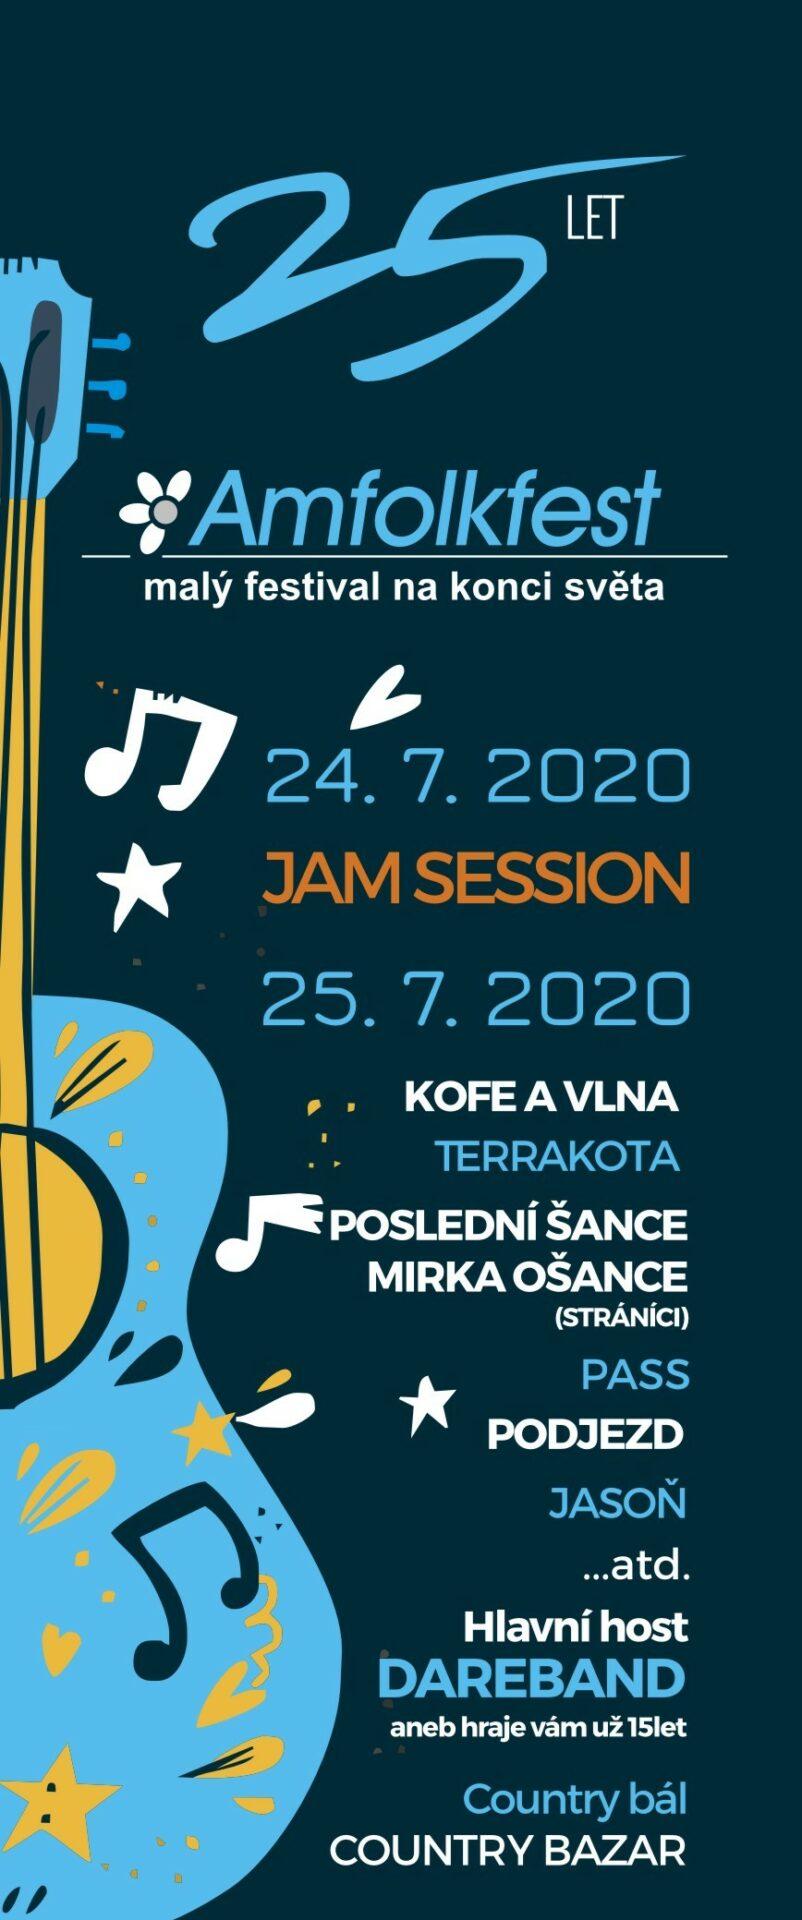 Plakát na 25. ročník festivalu na konci světa Amfolkfest